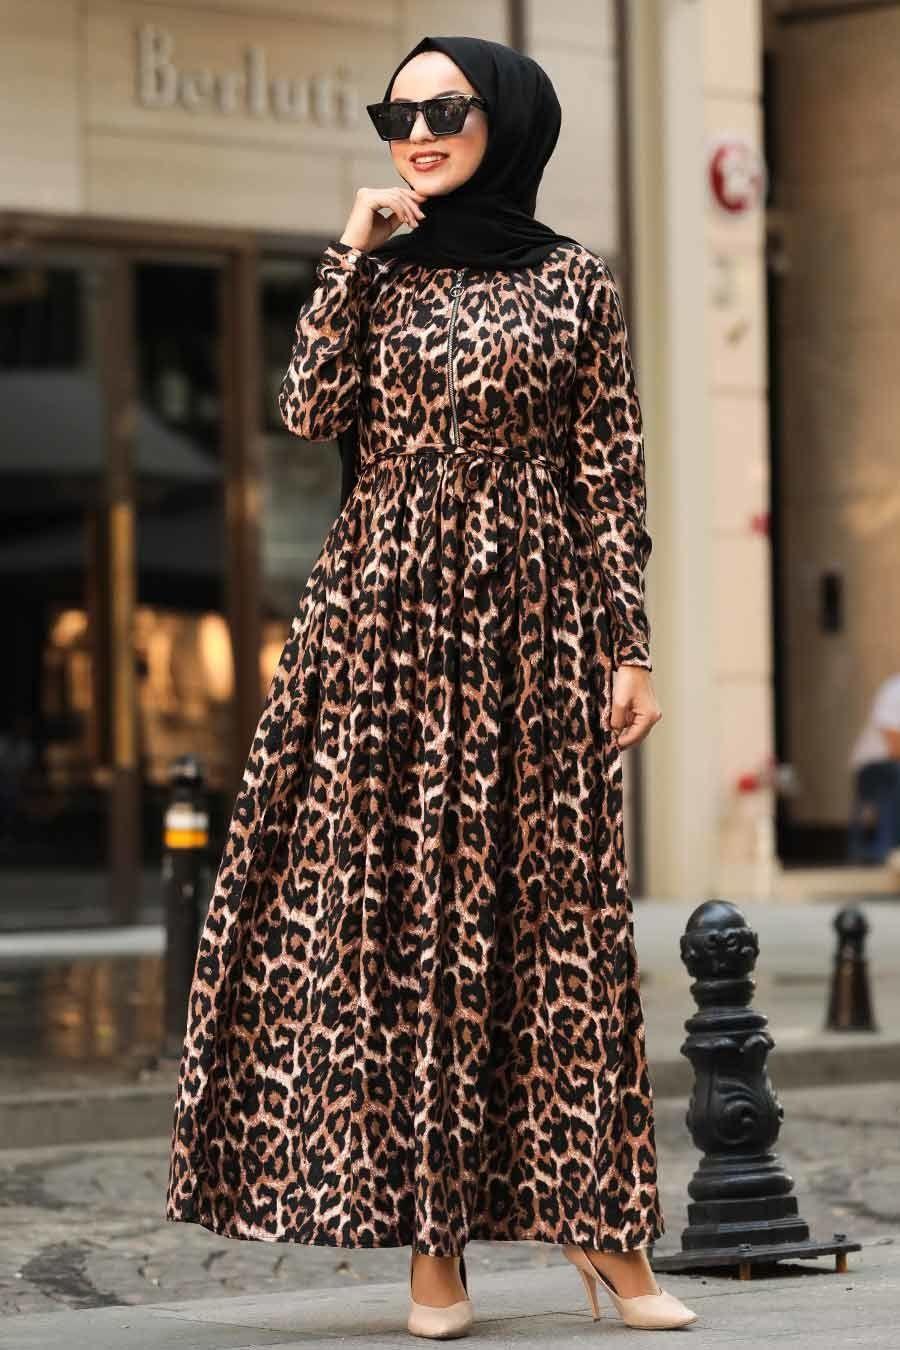 Neva Style Leopar Desenli Tesettur Elbise 3997lp Basortusu Modasi Elbise Abaya Tarzi